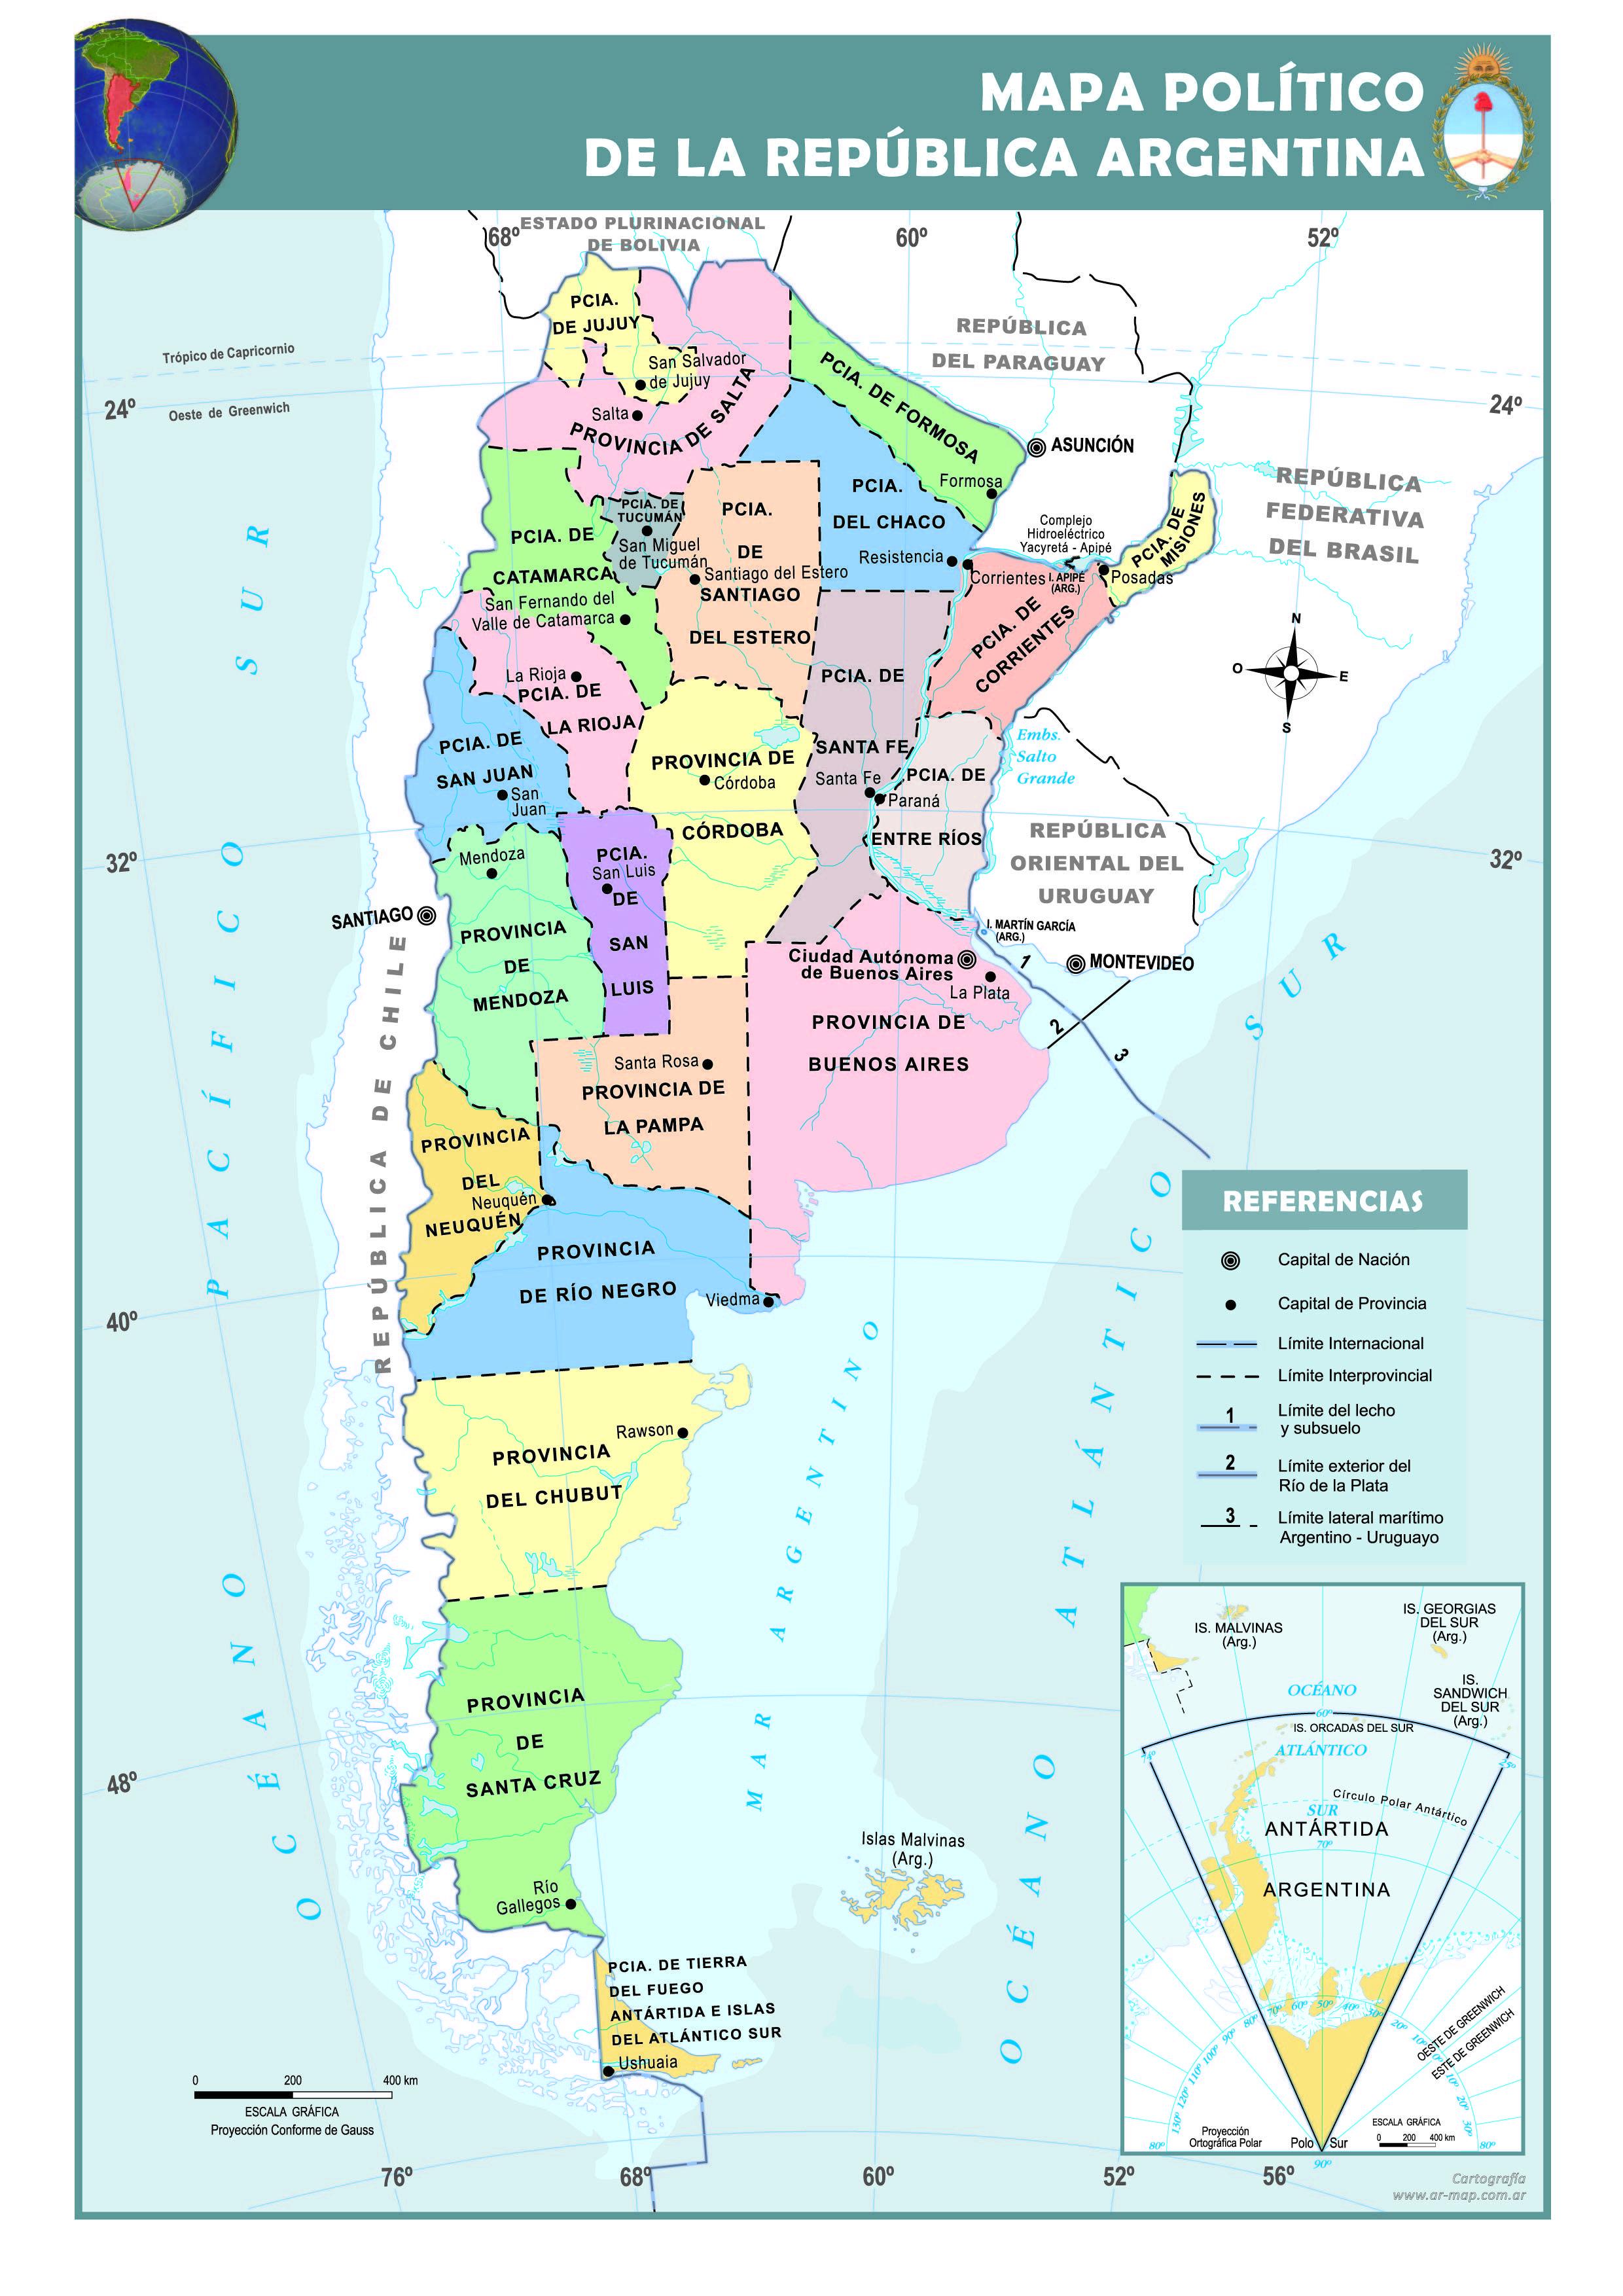 Mapa poltico de la argentina mapas pinterest argentina mapa poltico de la argentina gumiabroncs Choice Image